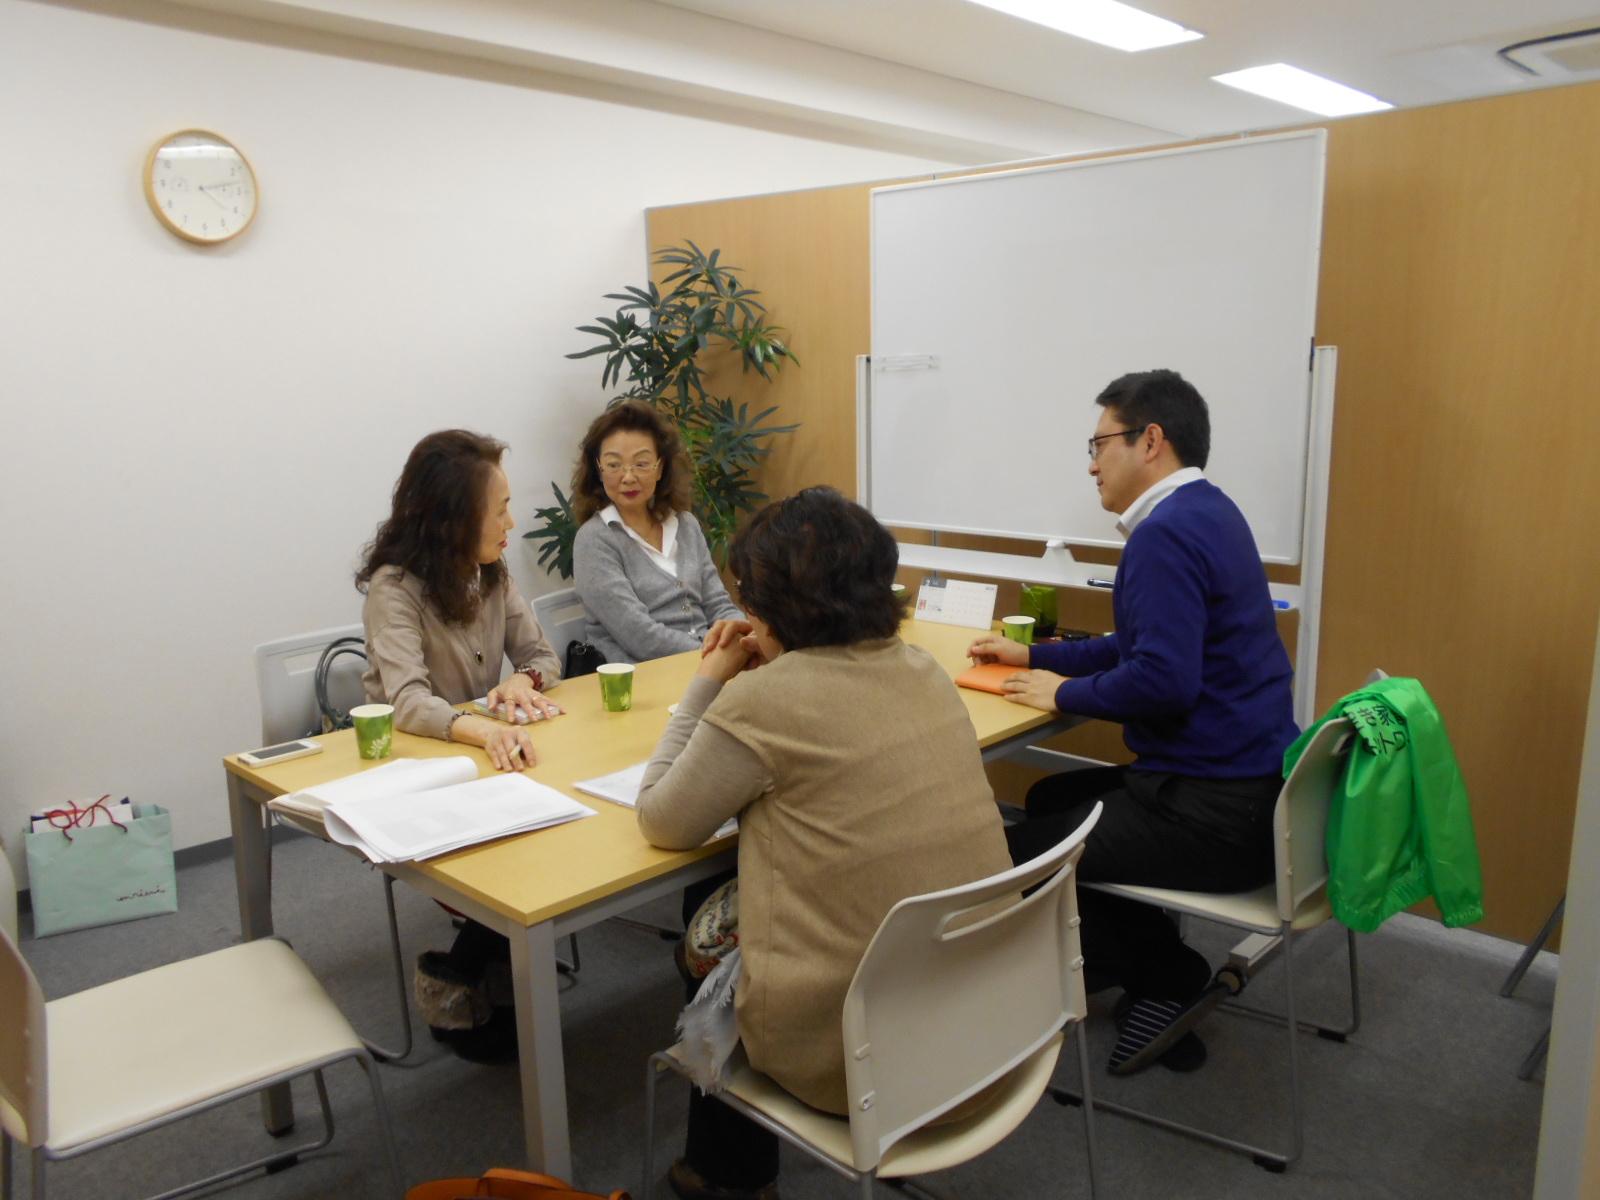 愛知名古屋 空き家管理 ミーティング 会議